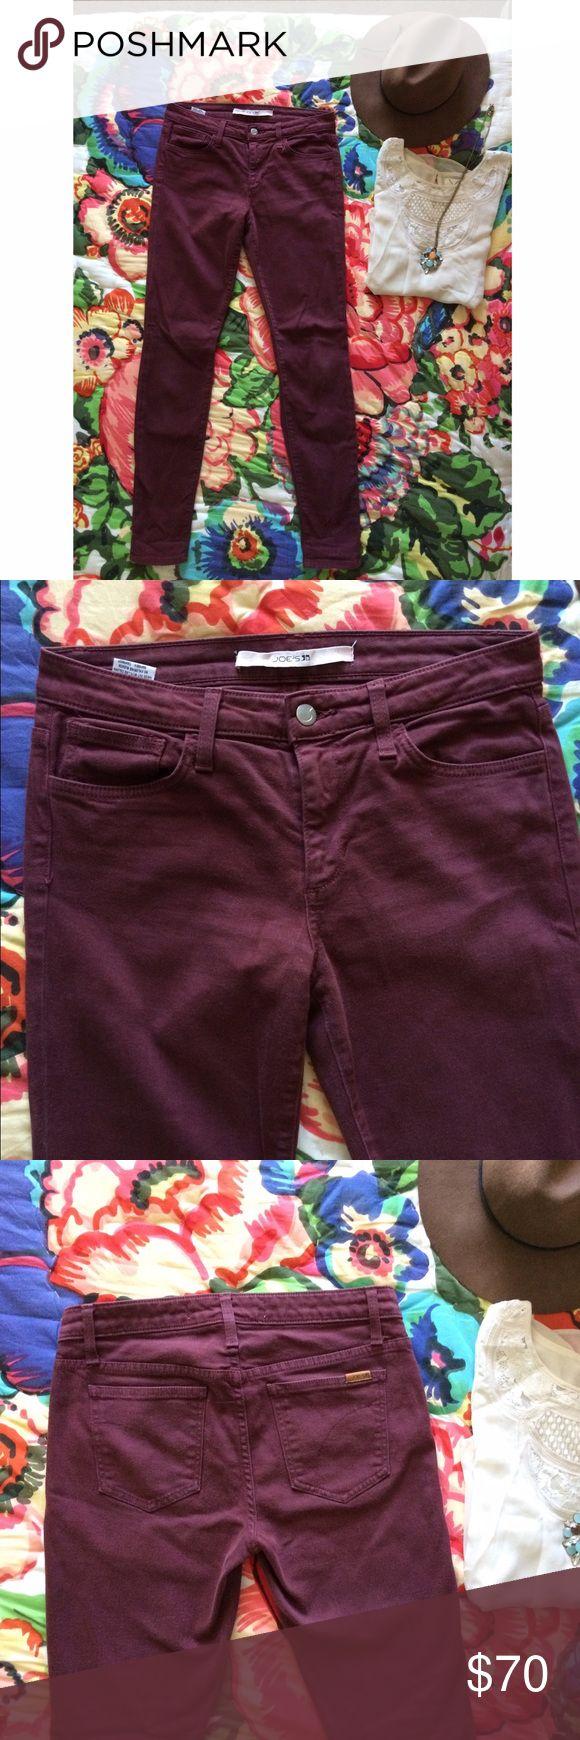 Joe's Jeans, Bordeaux colored skinny jeans Joe's Jeans, Bordeaux colored skinny jeans, size 27. Worn just a few times, great used condition. Joe's Jeans Jeans Skinny